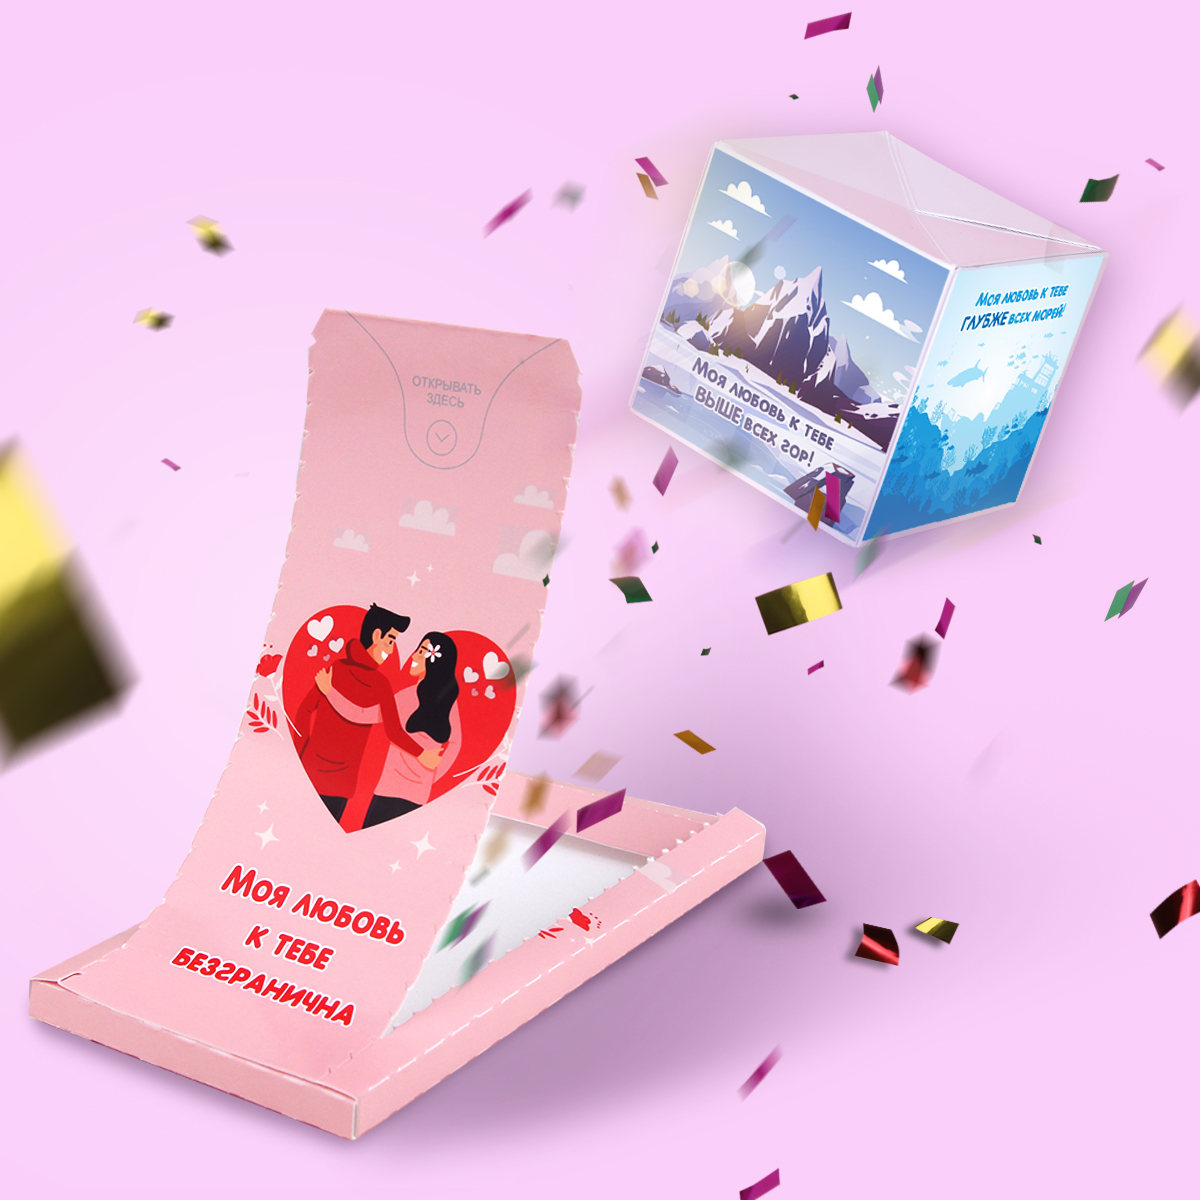 Бум-открытка - Моя любовь к тебе.. фото